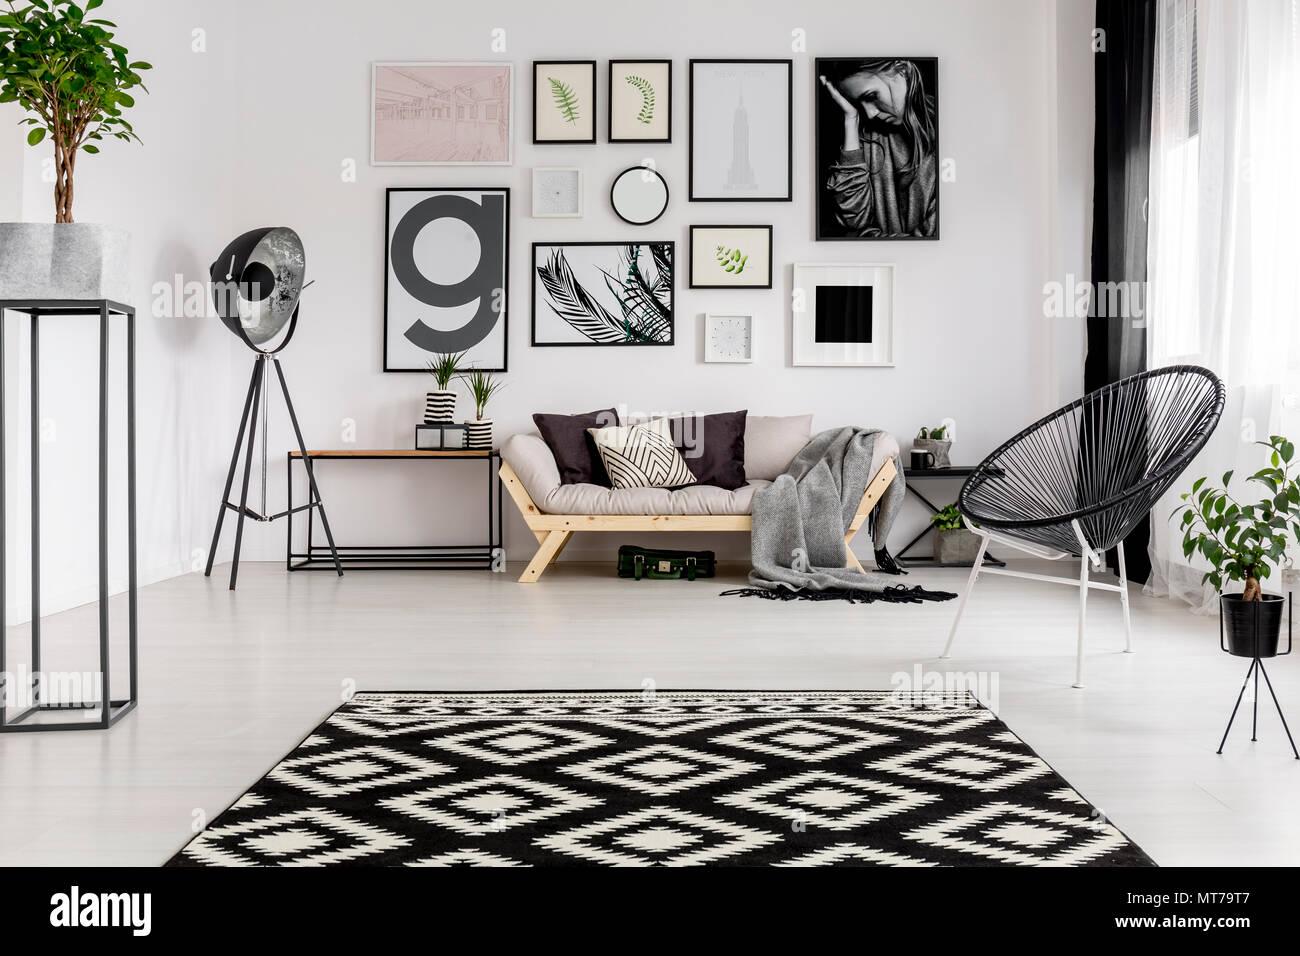 Schwarz-weiß gemusterten Teppich in der modernen Wohnzimmer ...